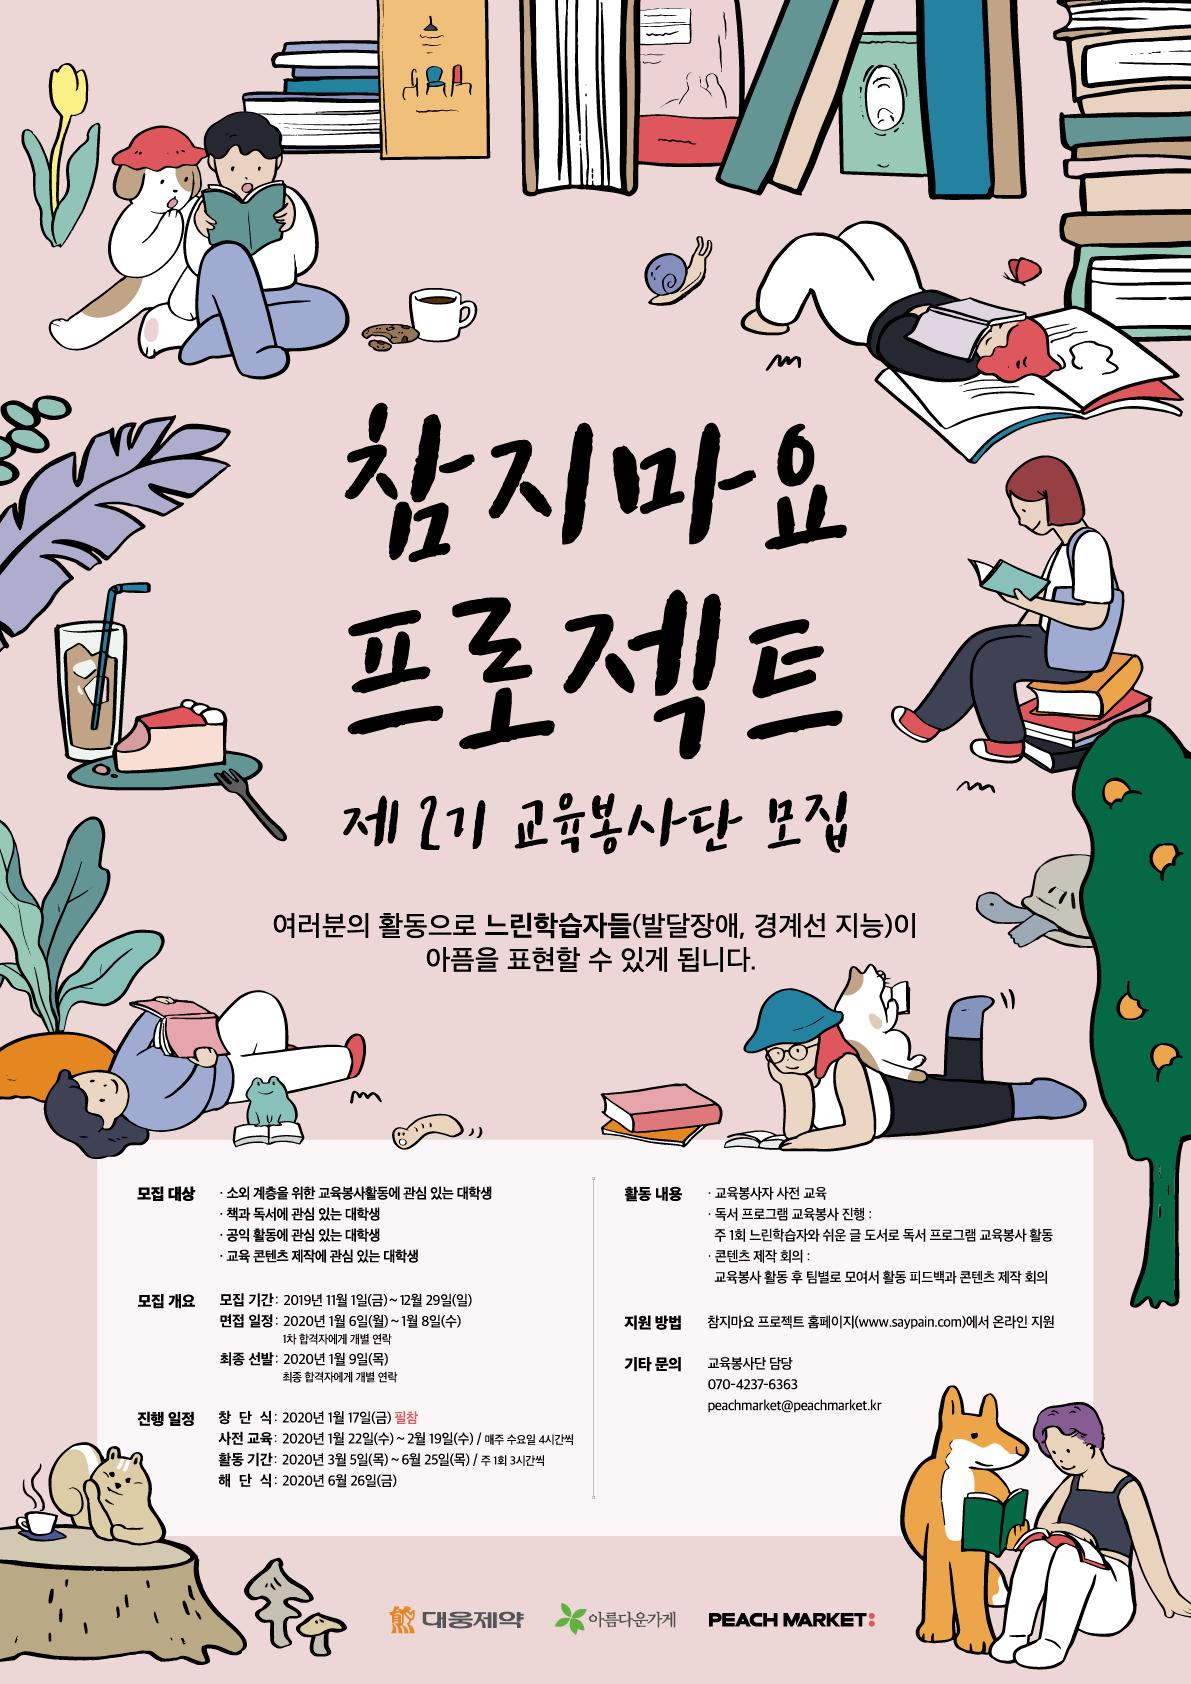 [대웅제약 외2] 참지마요 프로젝트 2기 교육봉사단 모집(~12/29) by peachmarket posted Oct 21, 2019